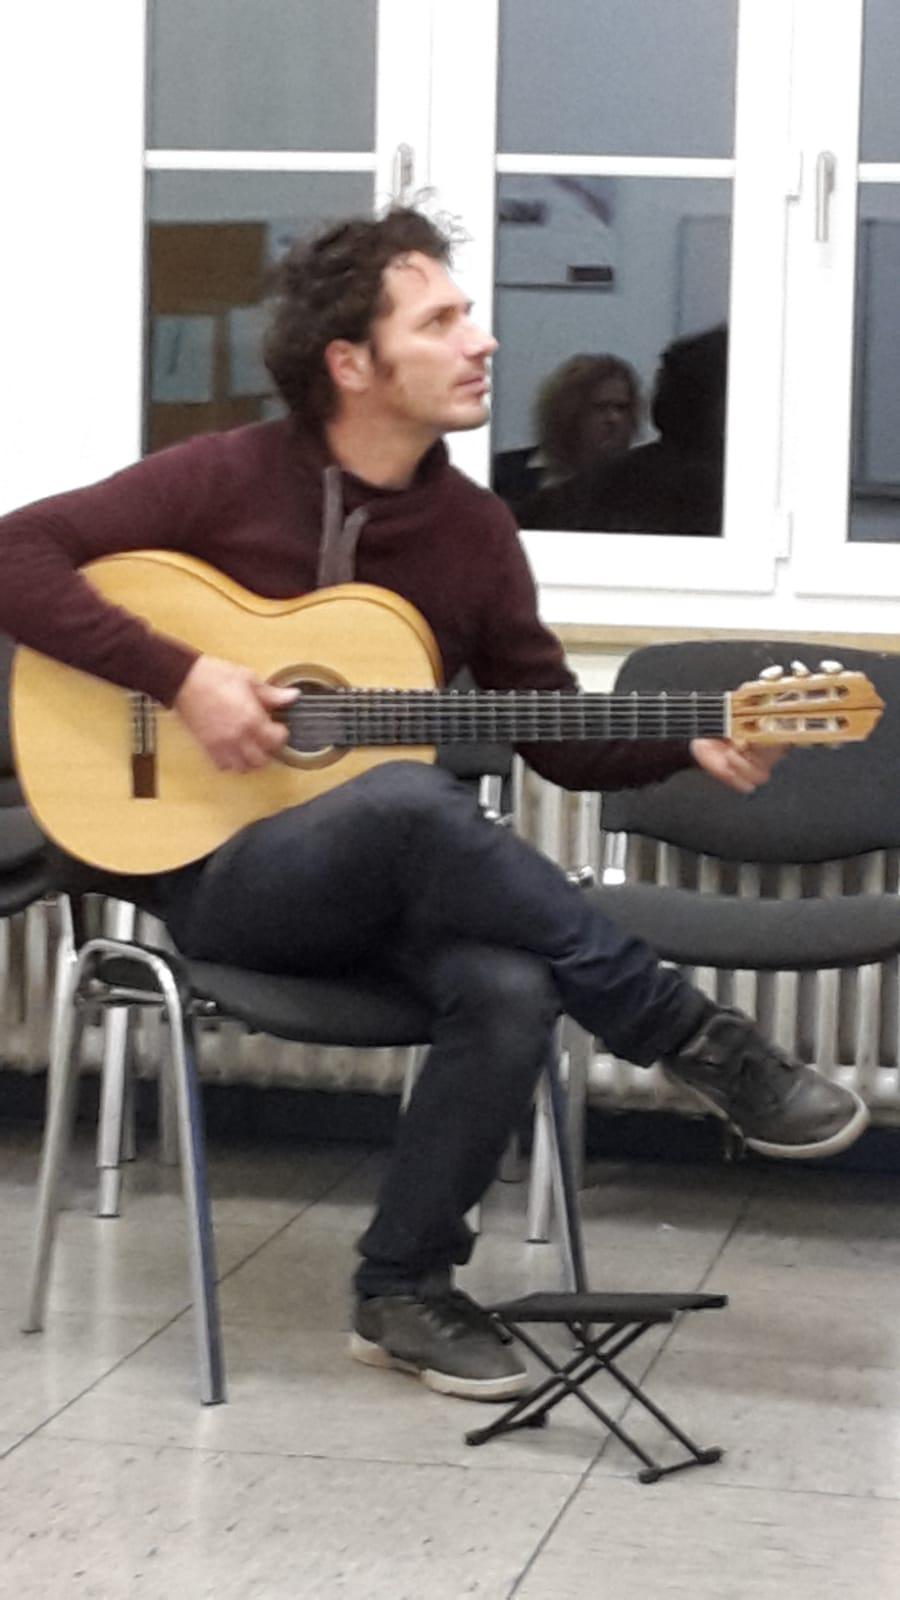 I brought a Den Toom Luthier Flamenco blanca guitar to!